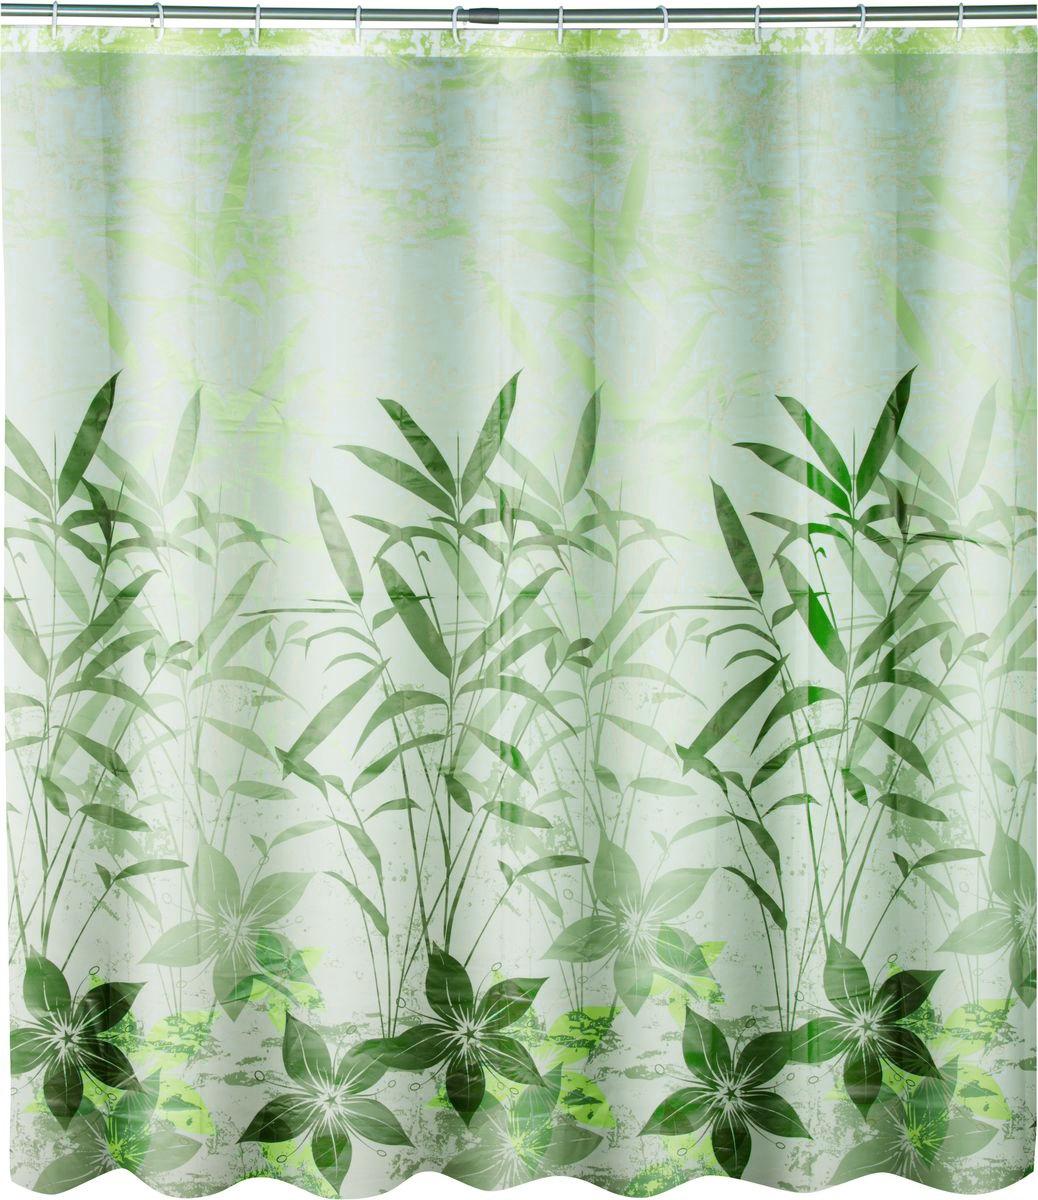 Штора для ванной Swensa Grass, цвет: зеленый, 180 х 180 смSWC-50-01Штора для ванной Swensa Grass выполнена из такого материала как ПЕВА и EVA (вспененный этиленвинилацетат) и оформлена оригинальным рисунком. Она надежно защитит от брызг и капель пространство вашей ванной комнаты в то время, пока вы принимаете душ. В верхней кромке шторы предусмотрены отверстия для пластиковых колец, которые входят в комплект.Количество колец: 12 шт.